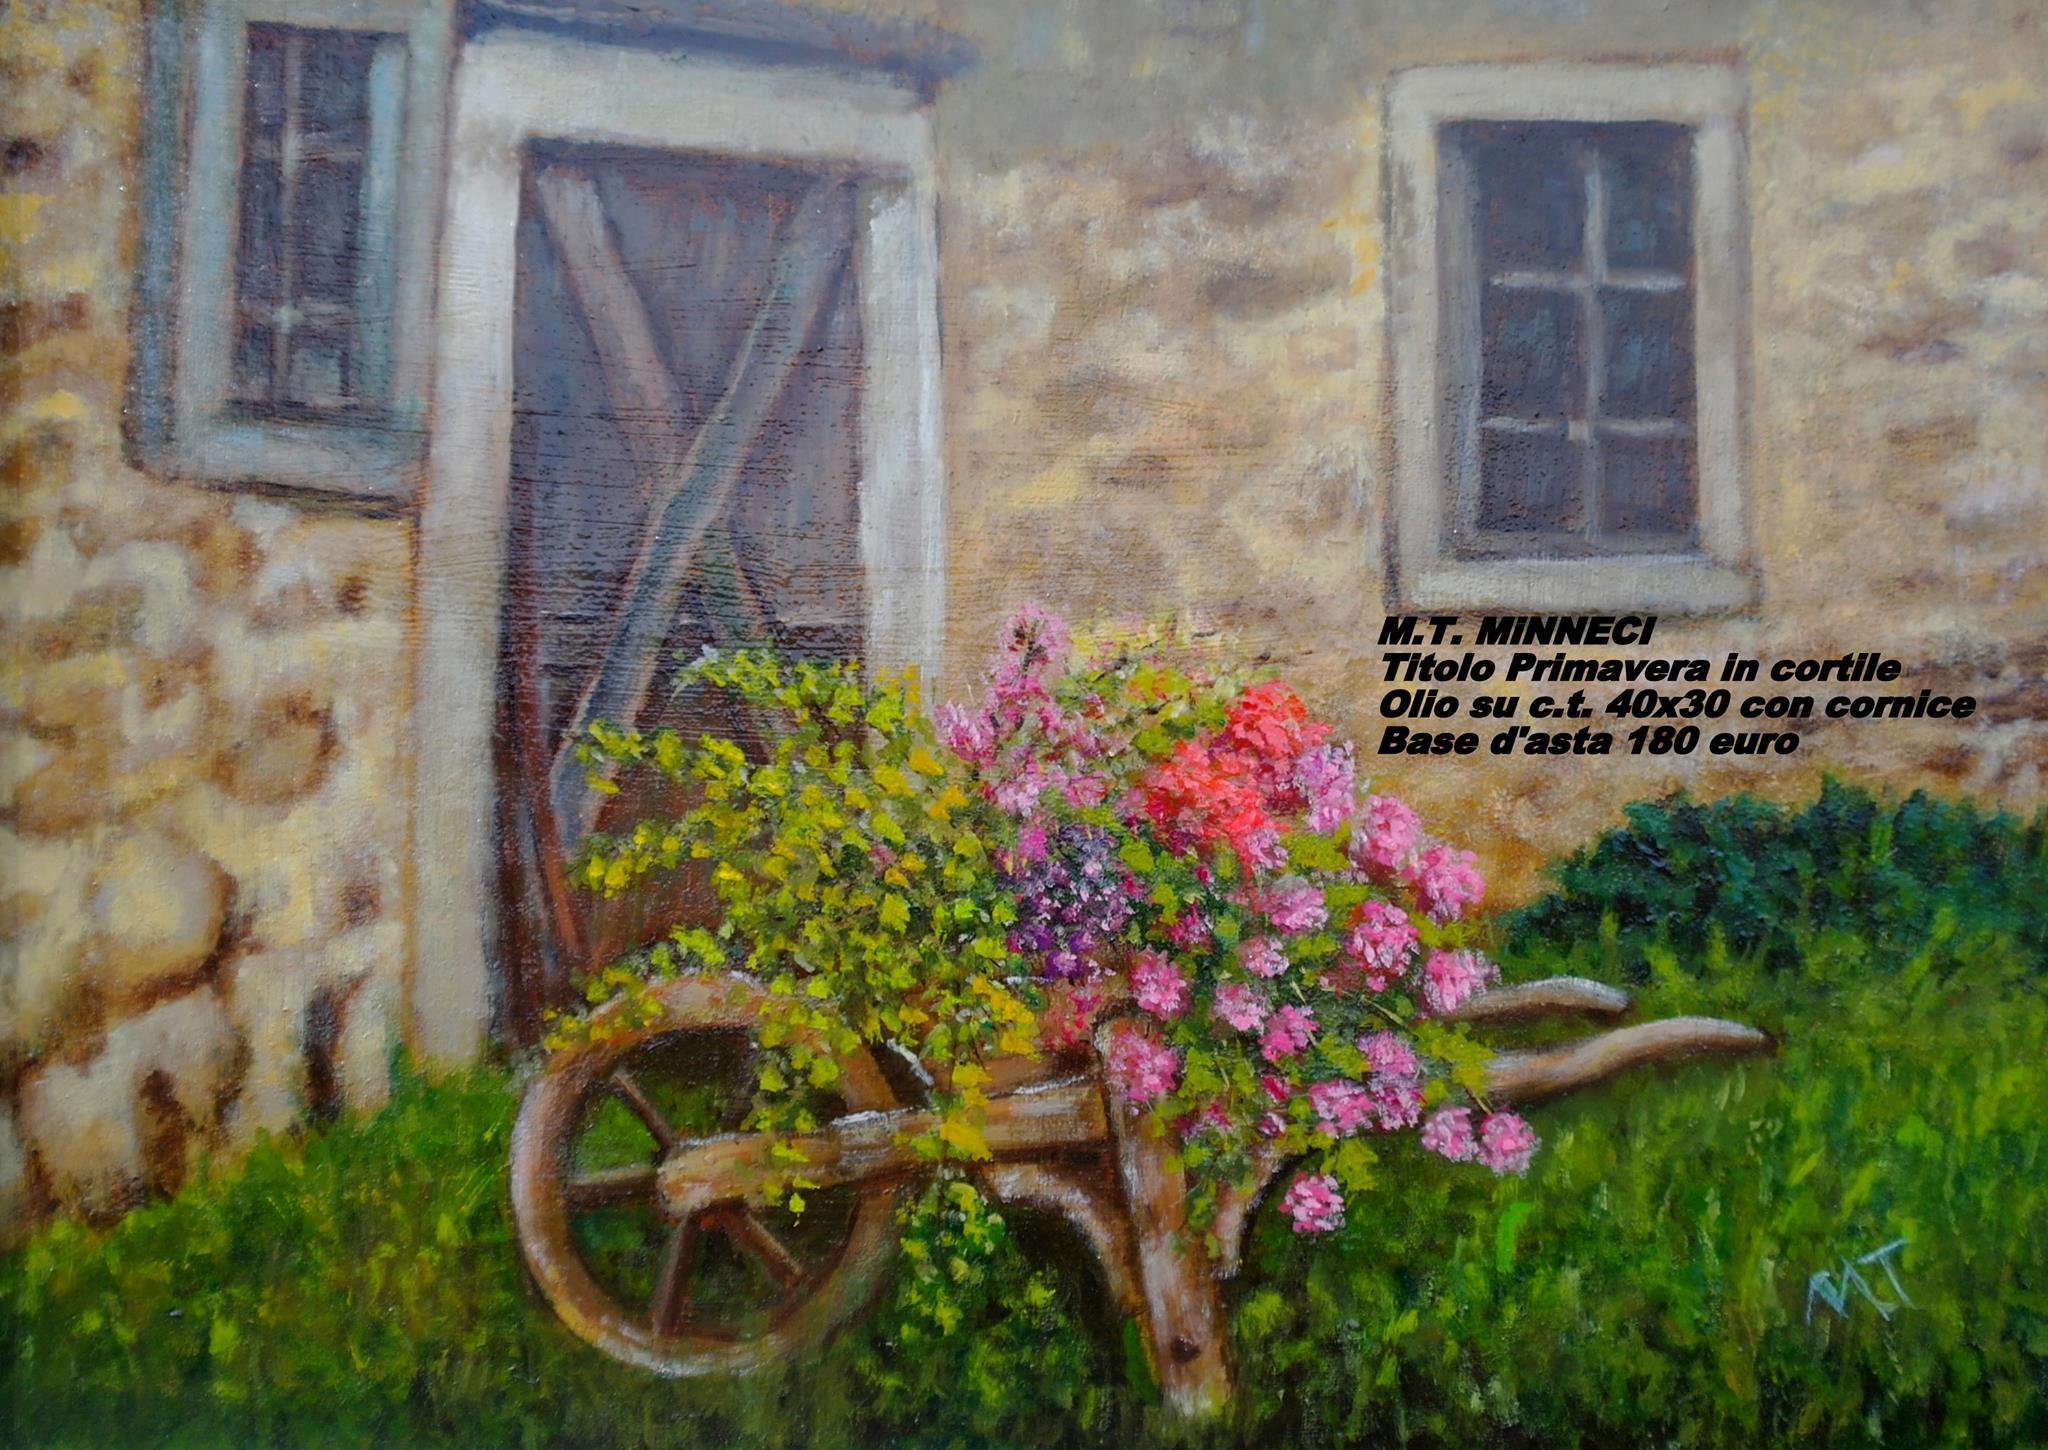 Artista Minneci. Primavera in cortile. olio su carta con cornice